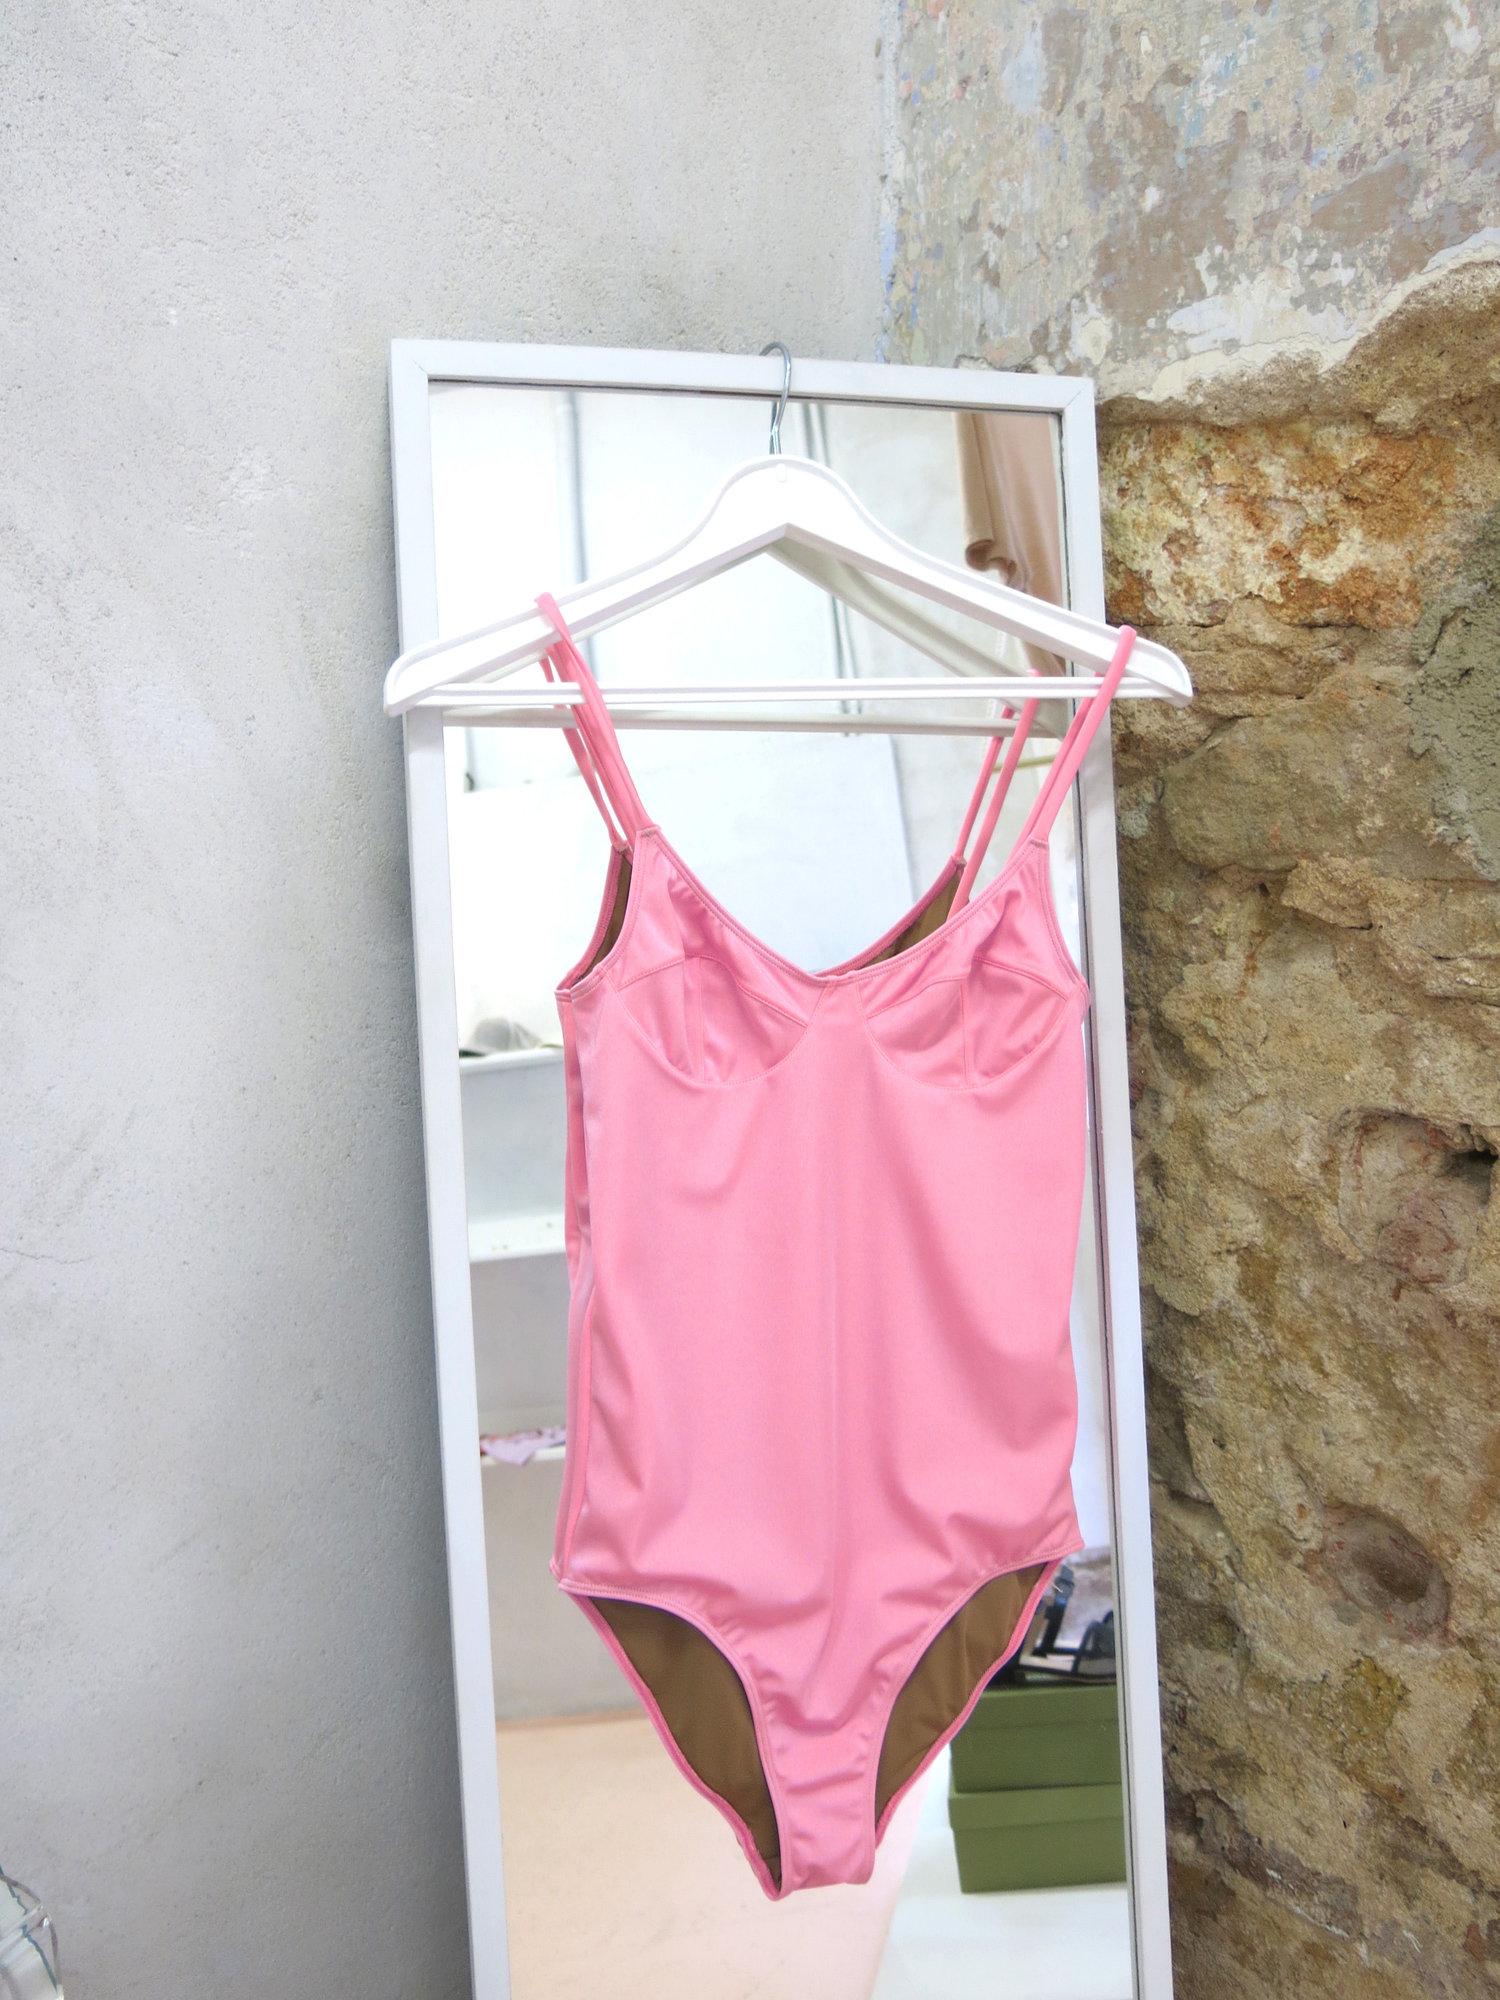 94f57a64a87 Soft Swimsuit – Shiny Pa Sunprotective / Mom pink — emmapardos